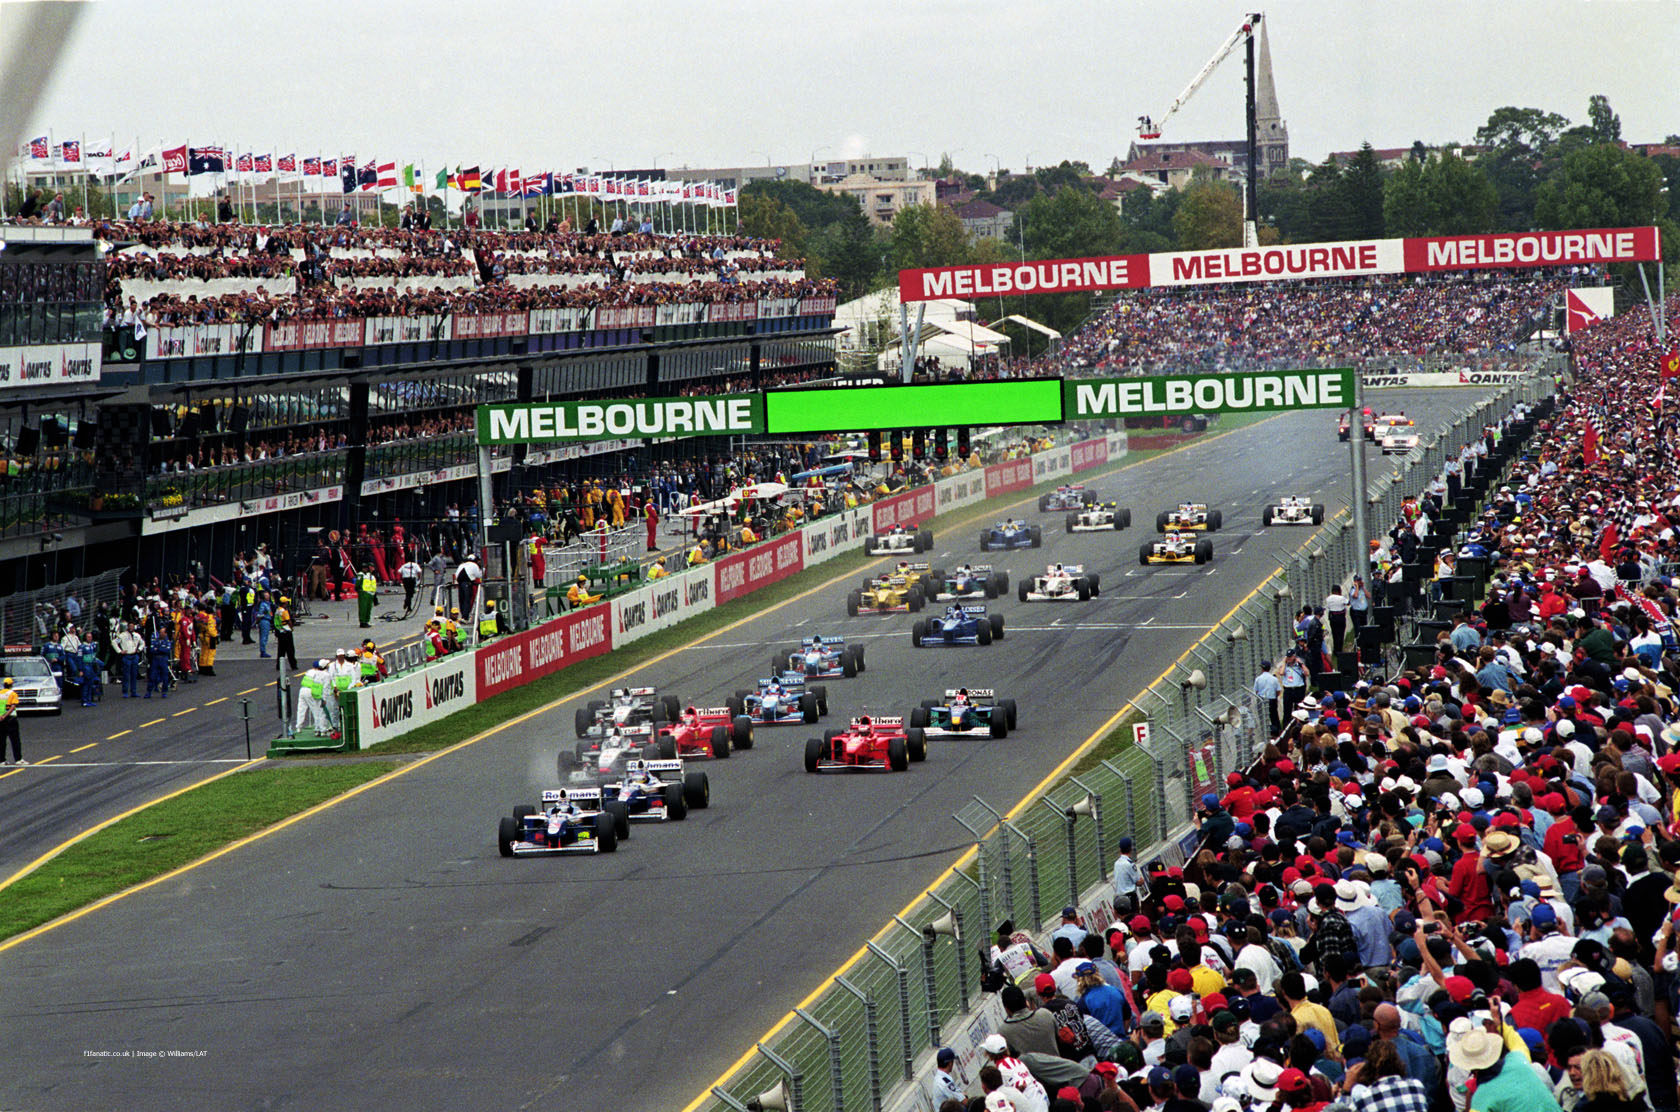 1997 Australian Grand Prix start